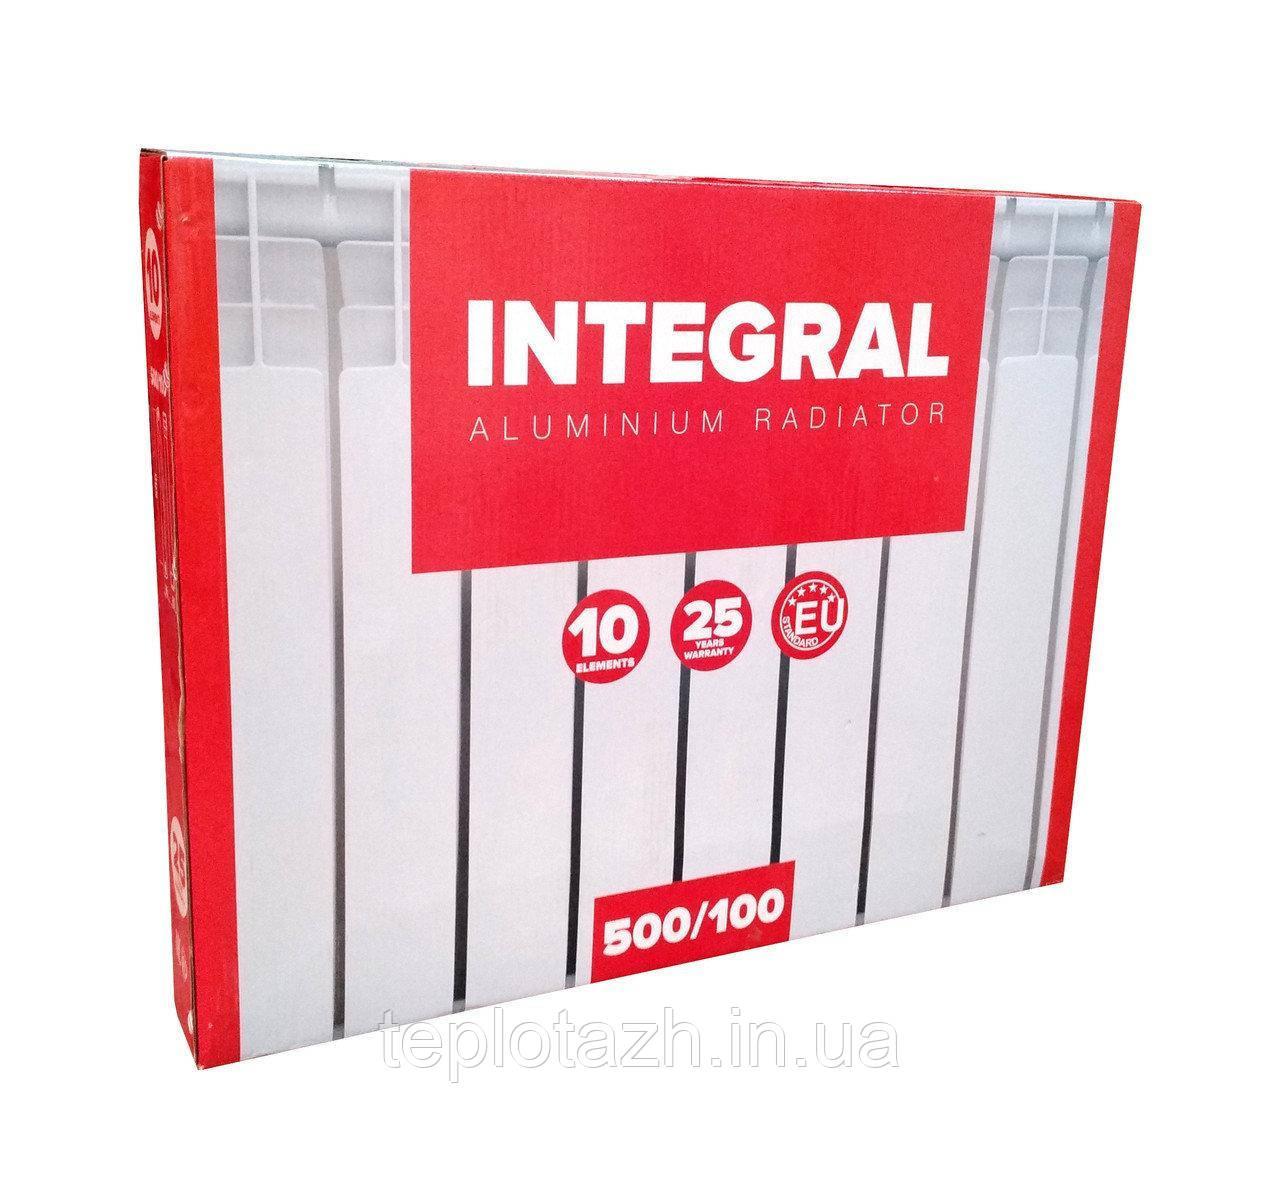 Алюминиевый радиатор Integral 500/80, секционный | ТеплоТаж